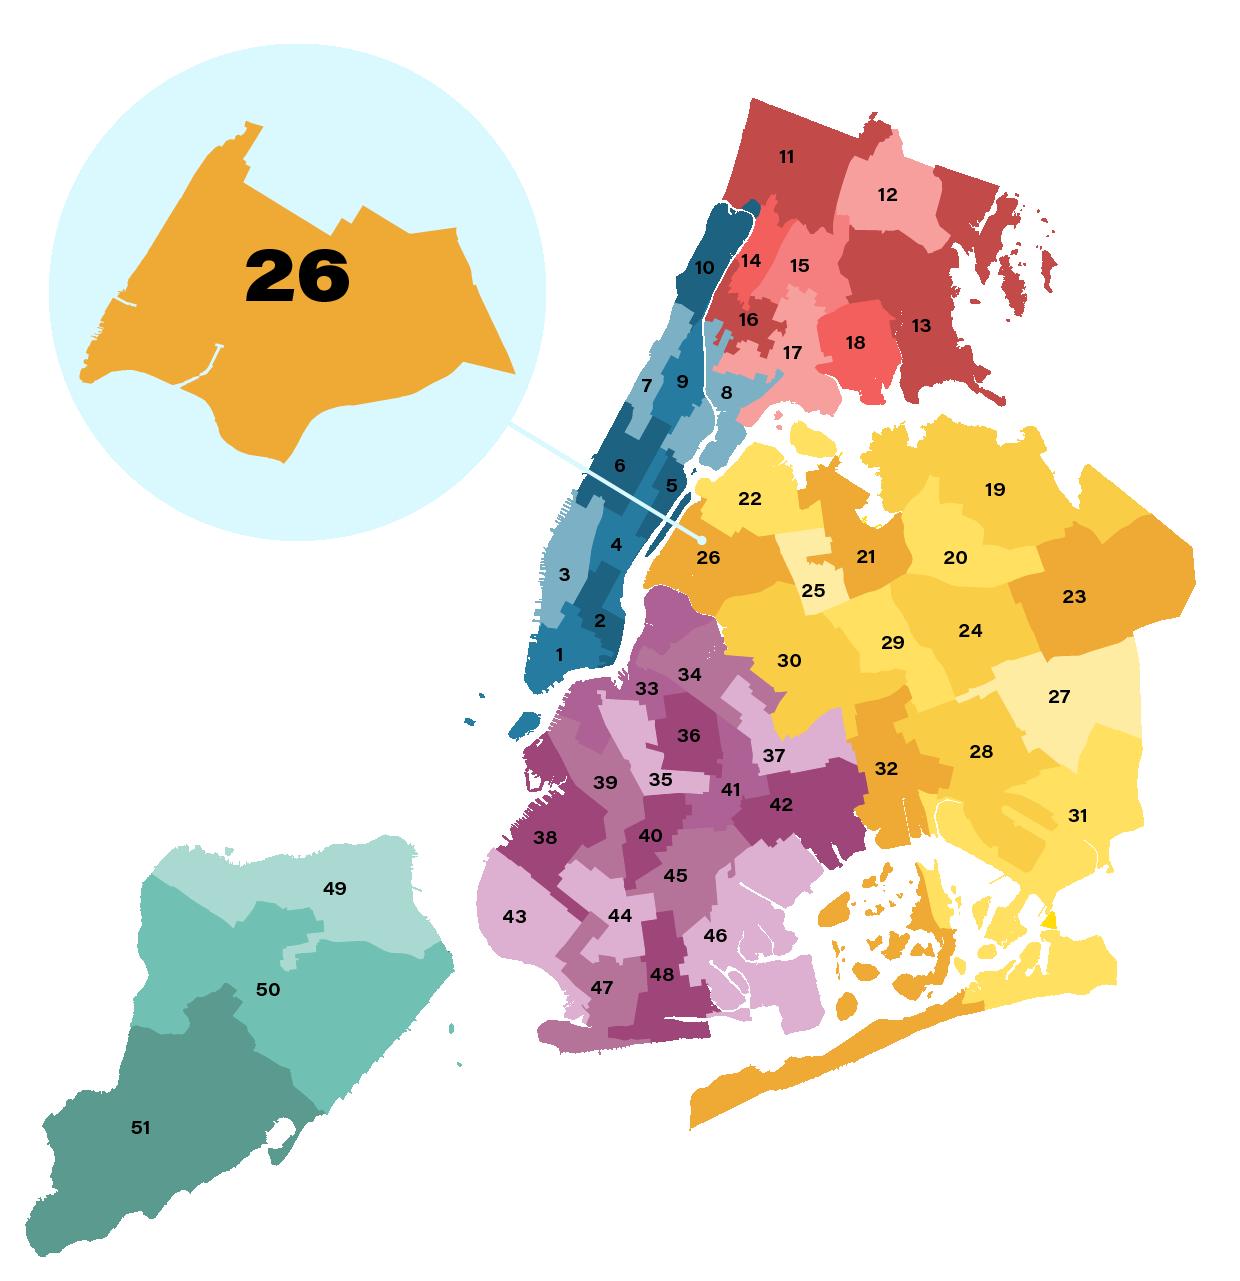 City Council District 26